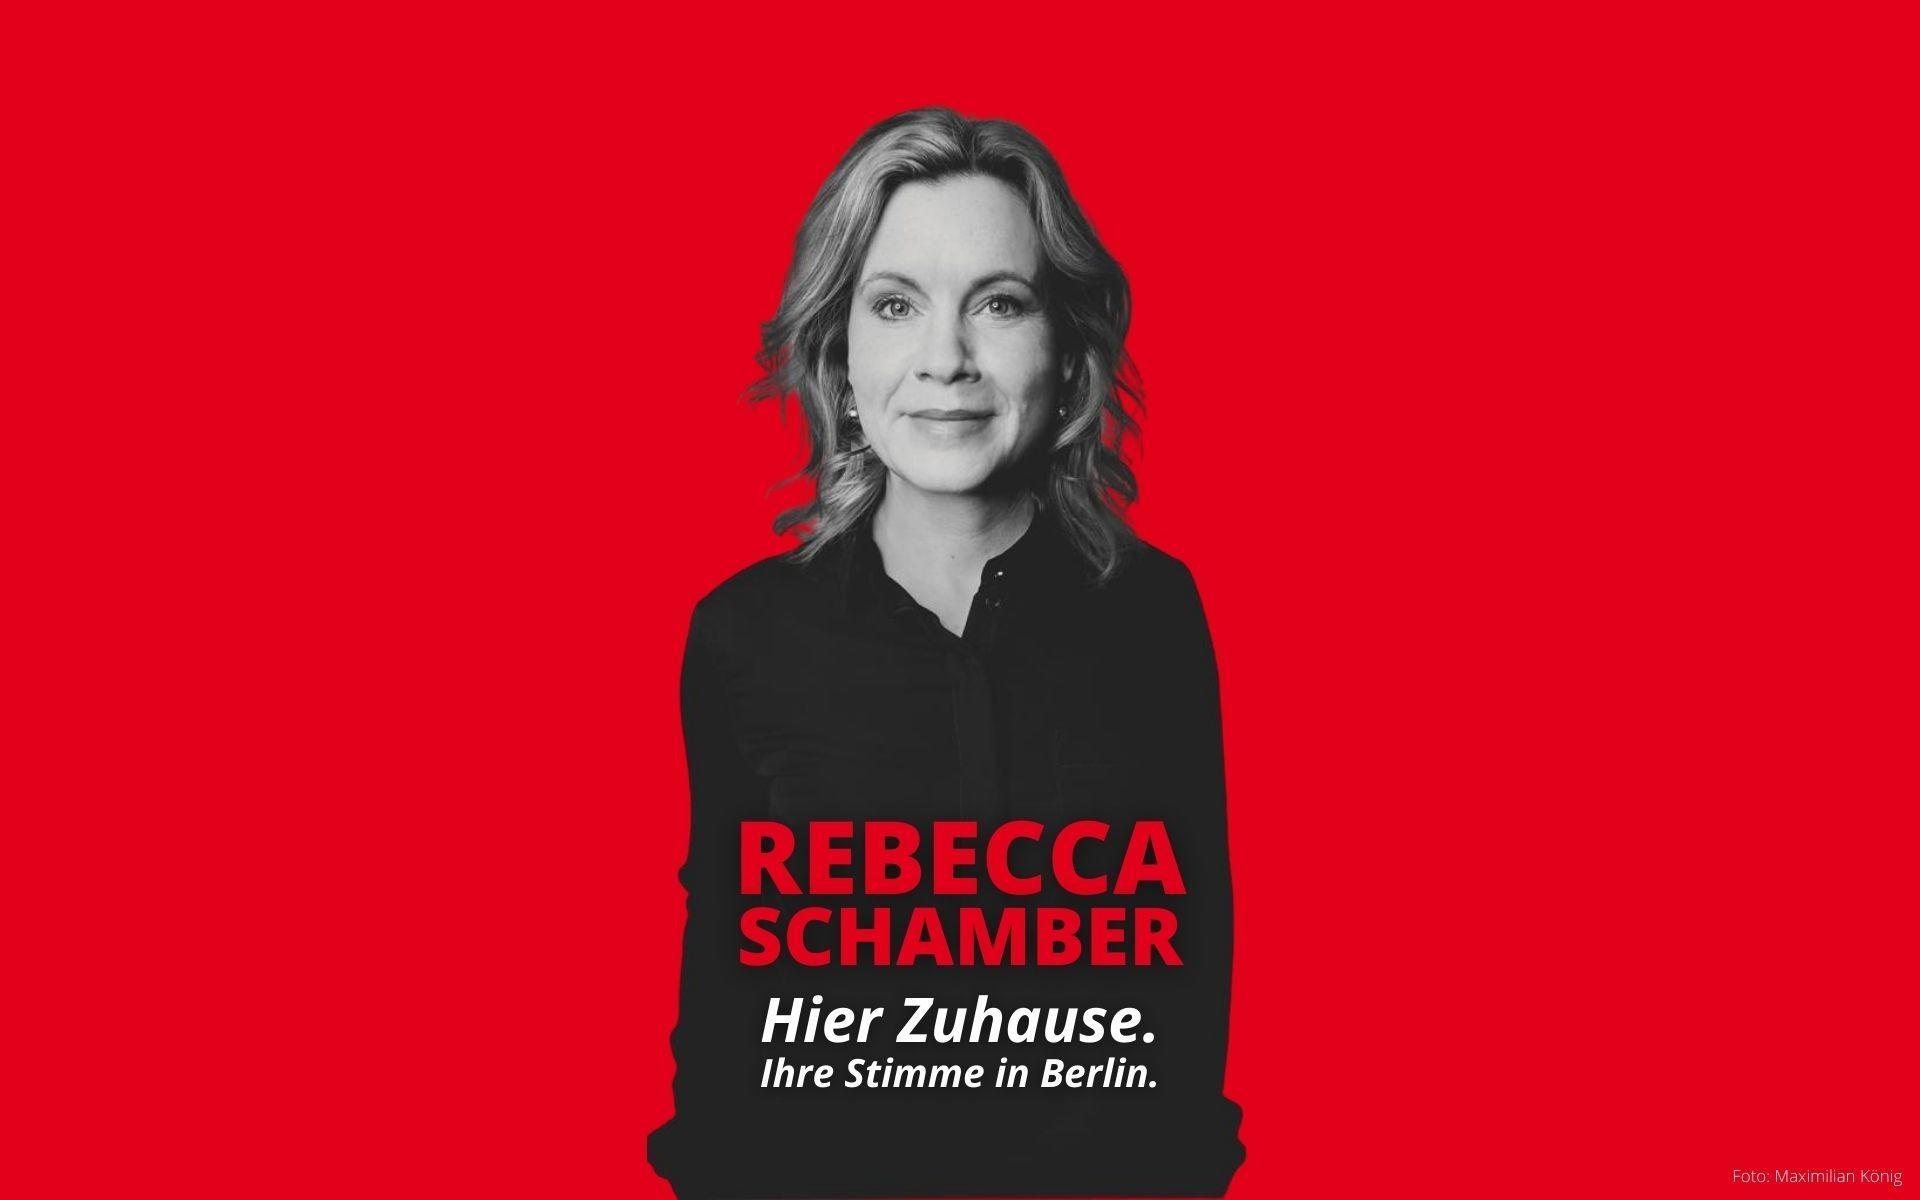 Hier Zuhause. Ihre Stimme in Berlin